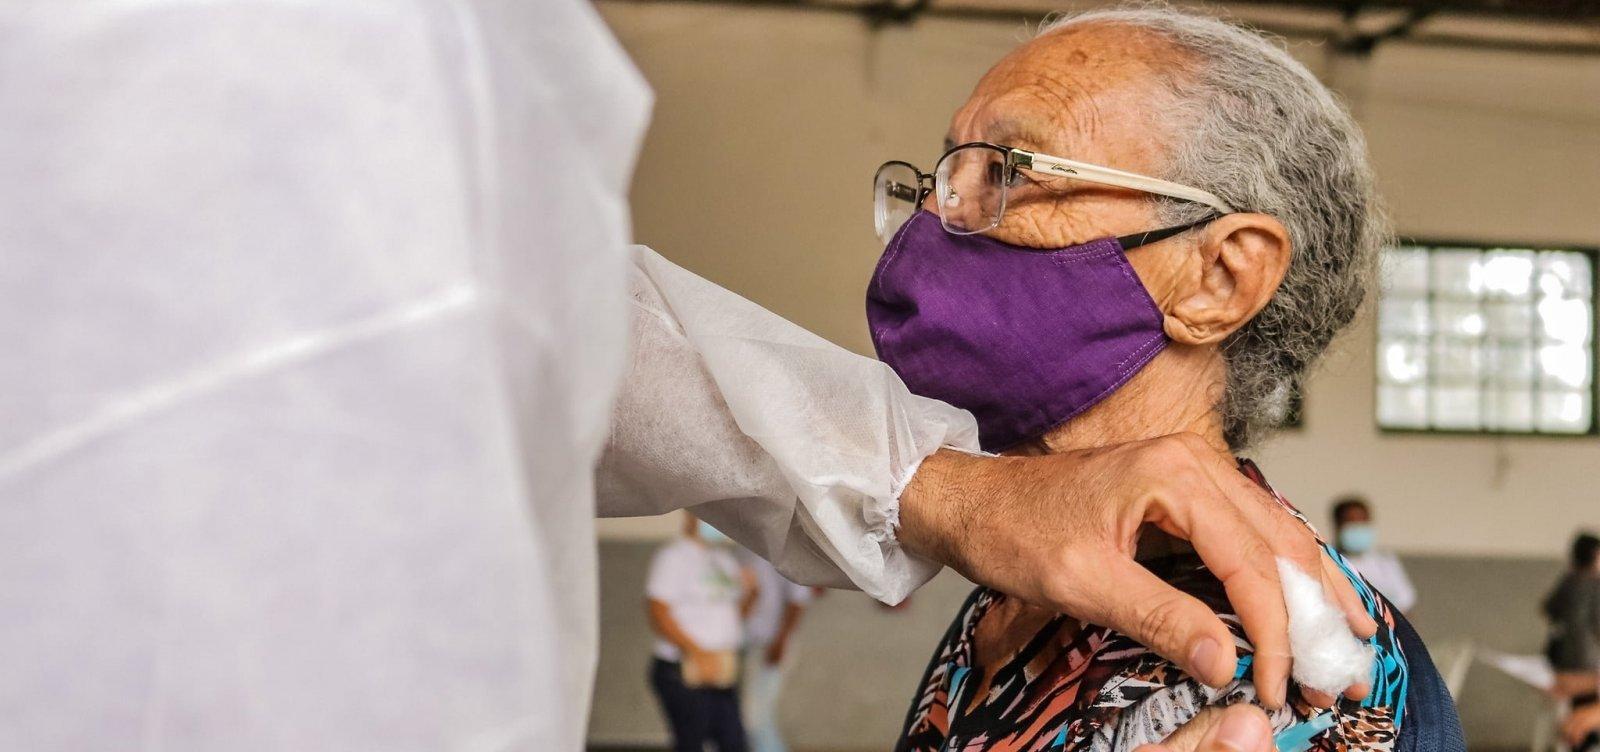 Vacinação para idosos acima dos 85 anos em Salvador começa nesta segunda-feira; confira os postos